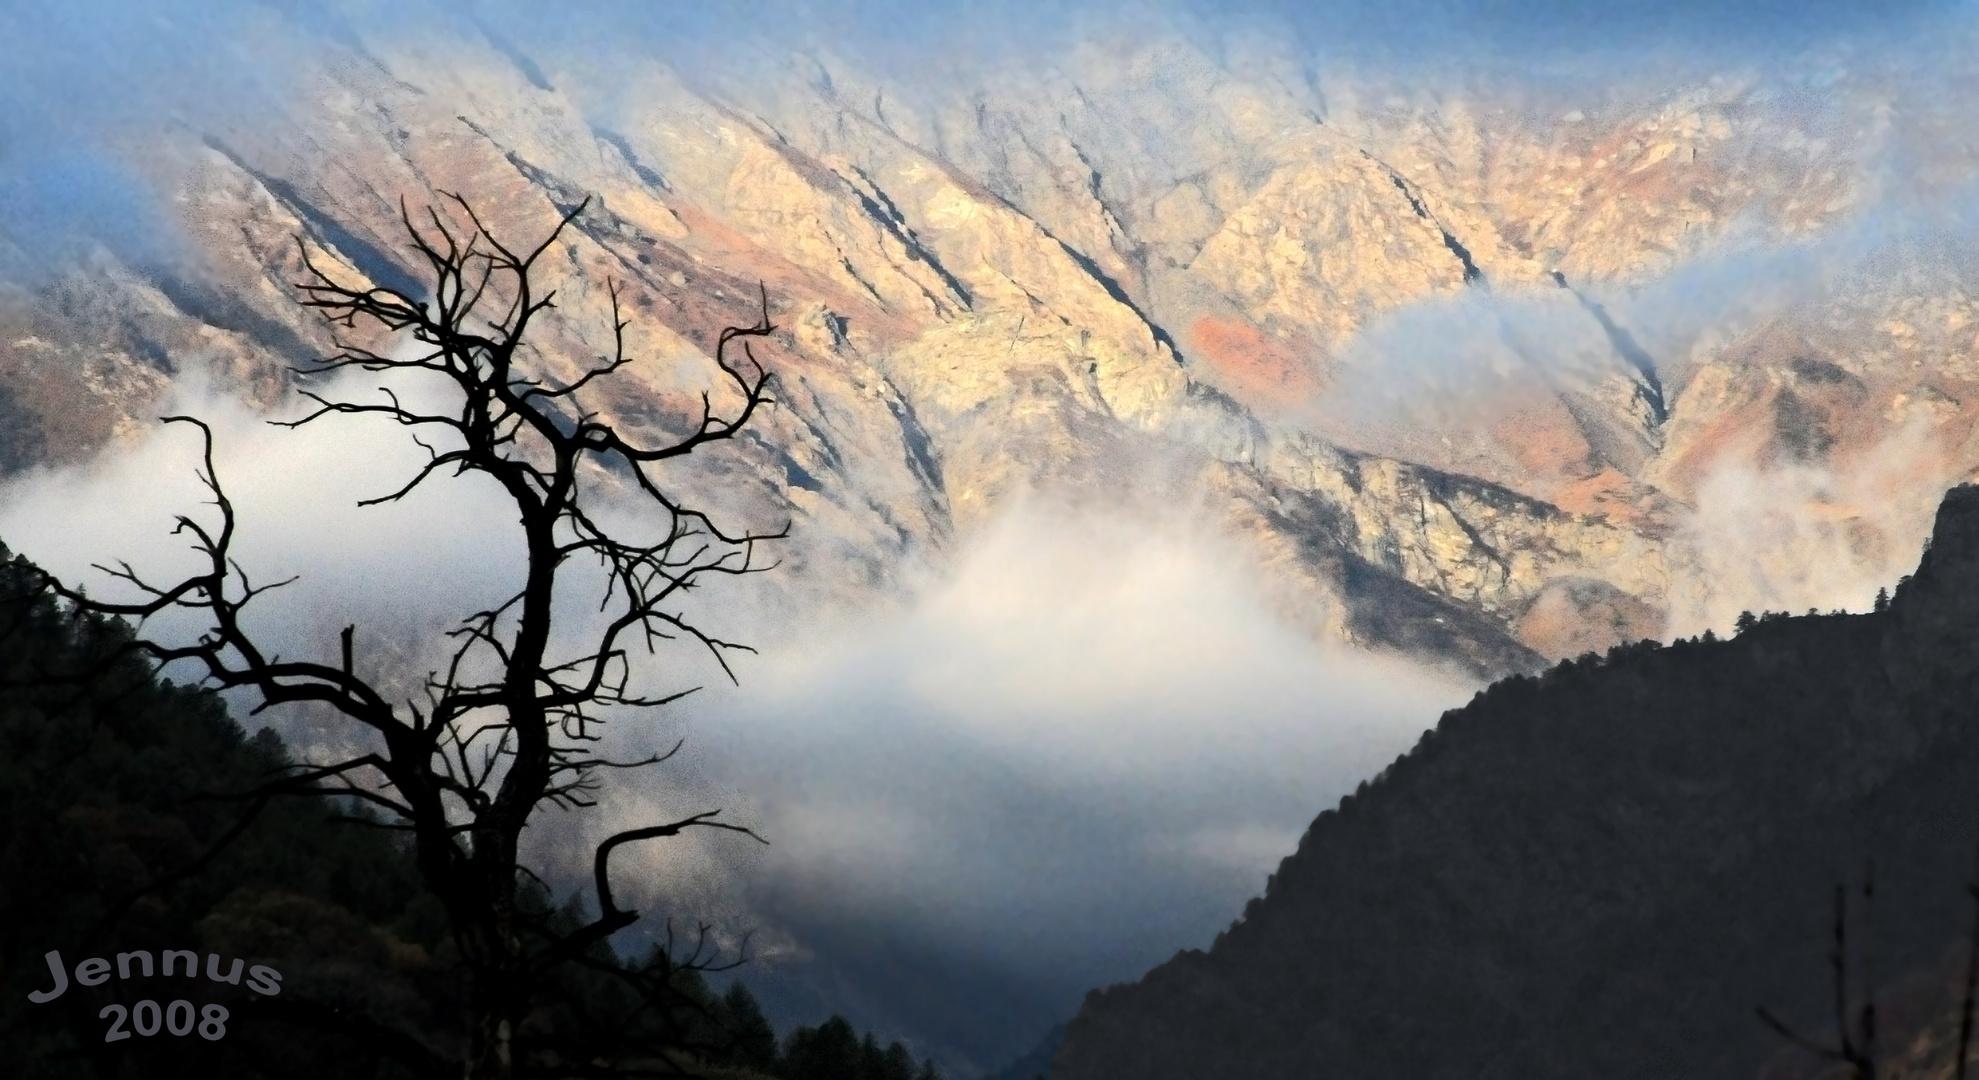 Auf die Berge will ich steigen, Wo die dunkeln Tannen ragen, Bäche rauschen, Vögel singen, Und die s